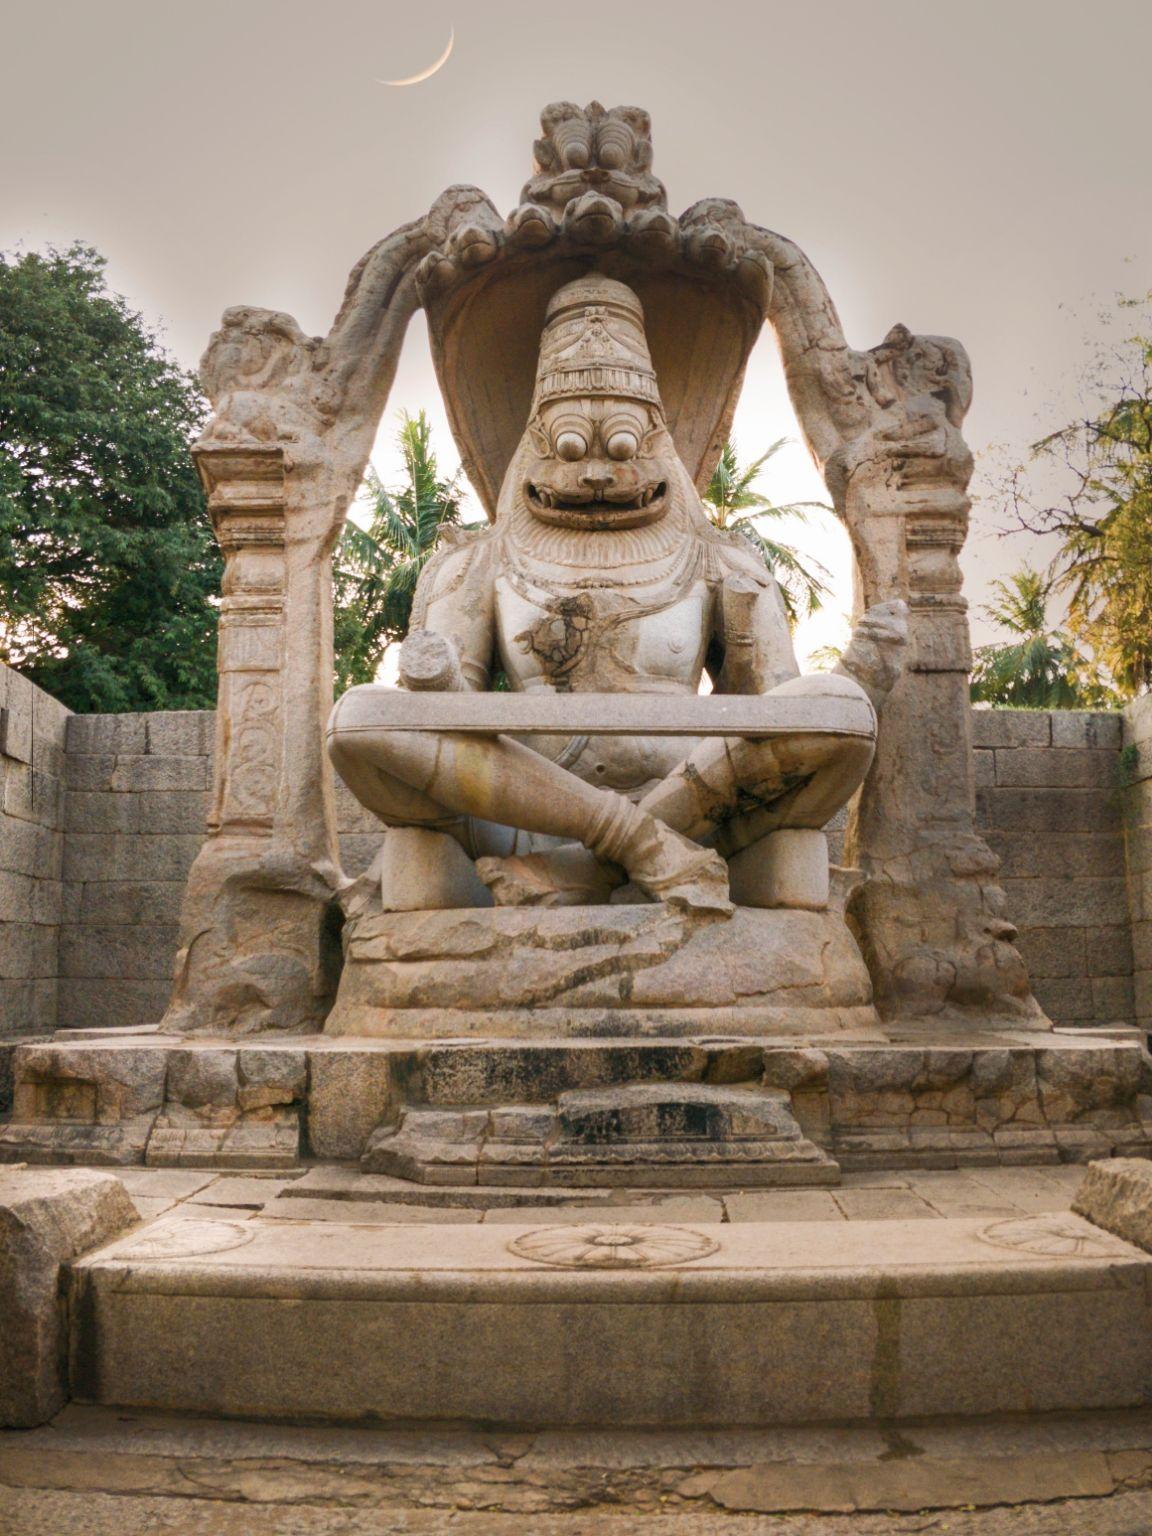 Photo of Ugra Narasimha Temple By vimal chavda